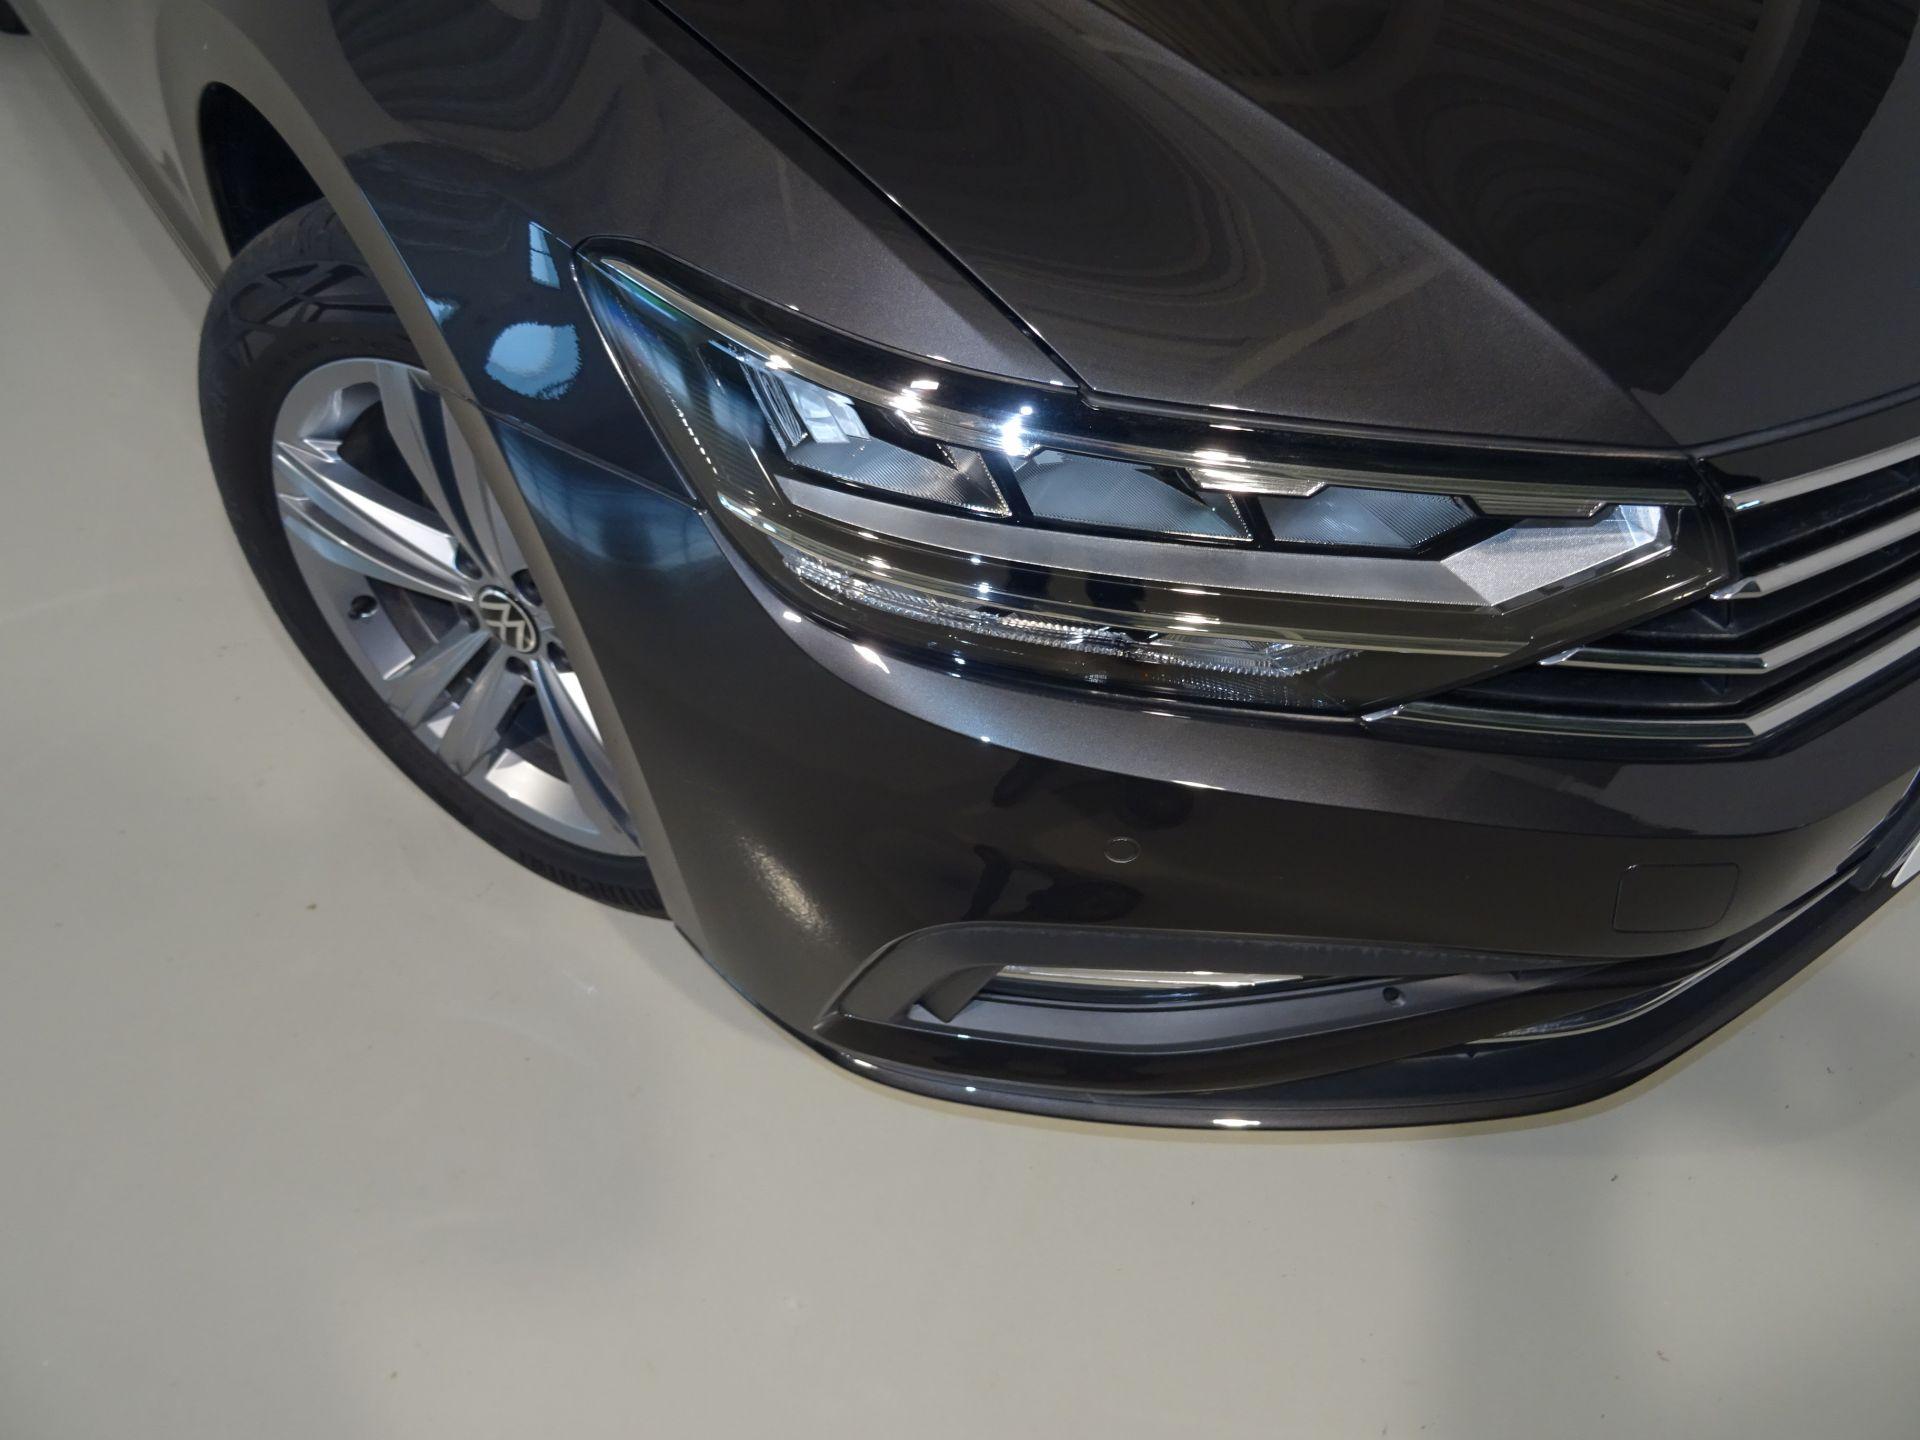 Volkswagen Passat Executive 2.0 TDI 110kW (150CV)